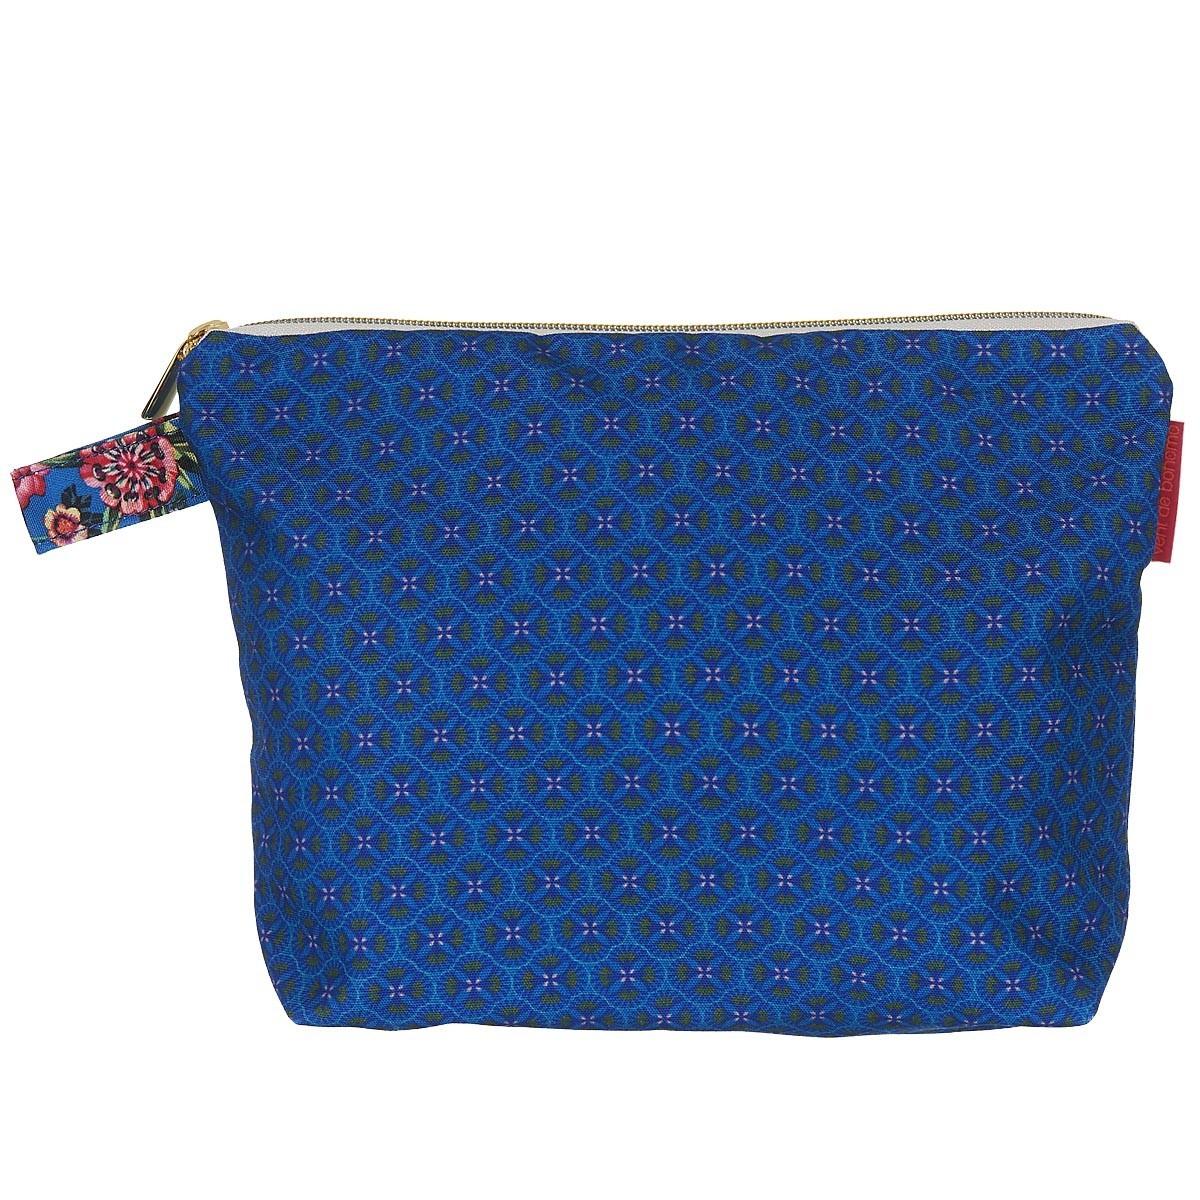 Pochette en toile outdoor imprimé graphique bleu